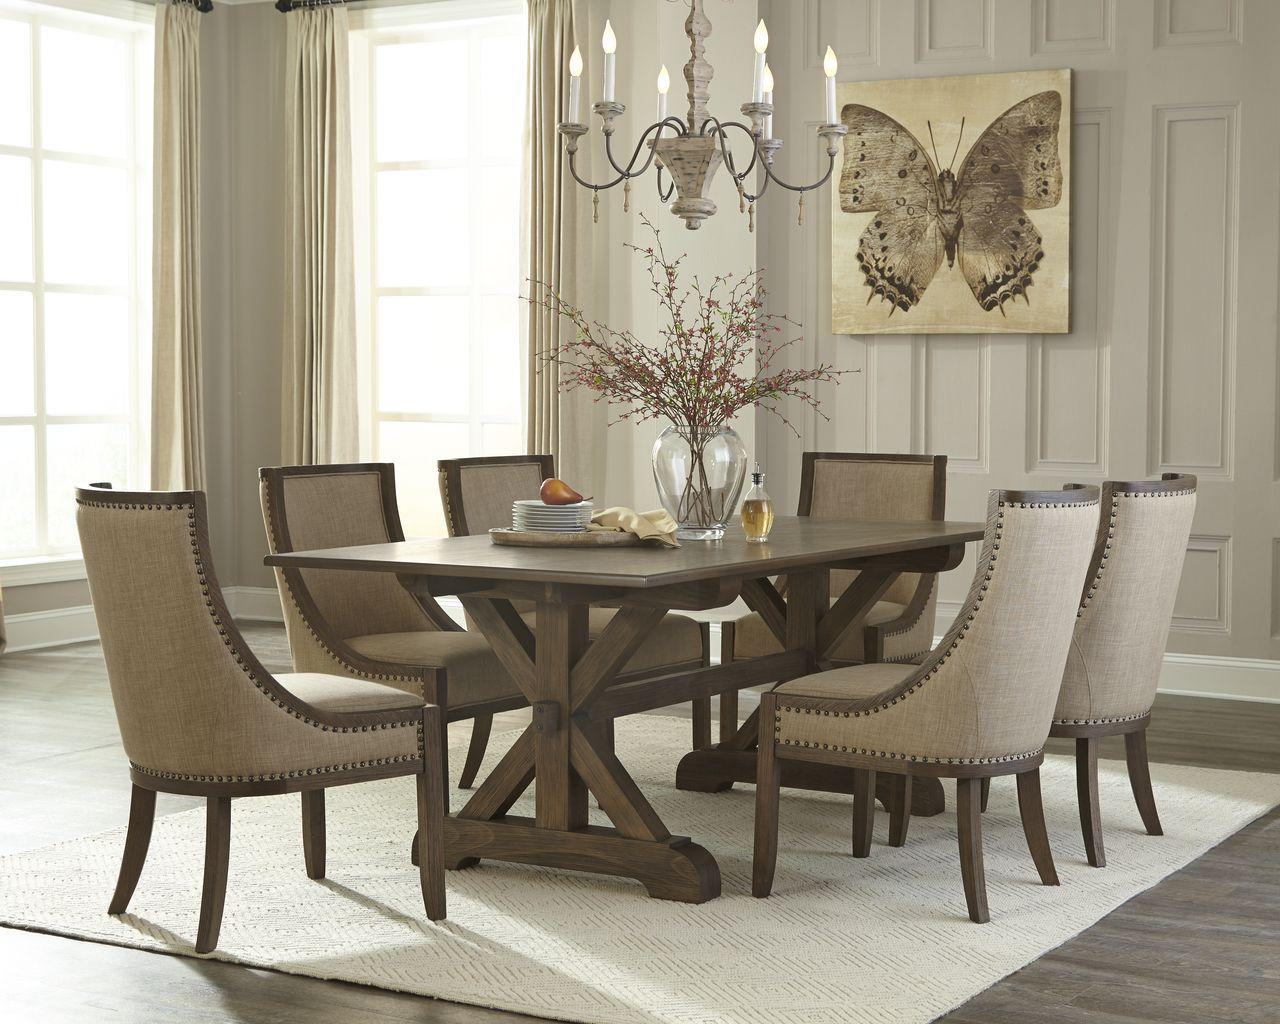 chateau tisch und st hle m bel international. Black Bedroom Furniture Sets. Home Design Ideas